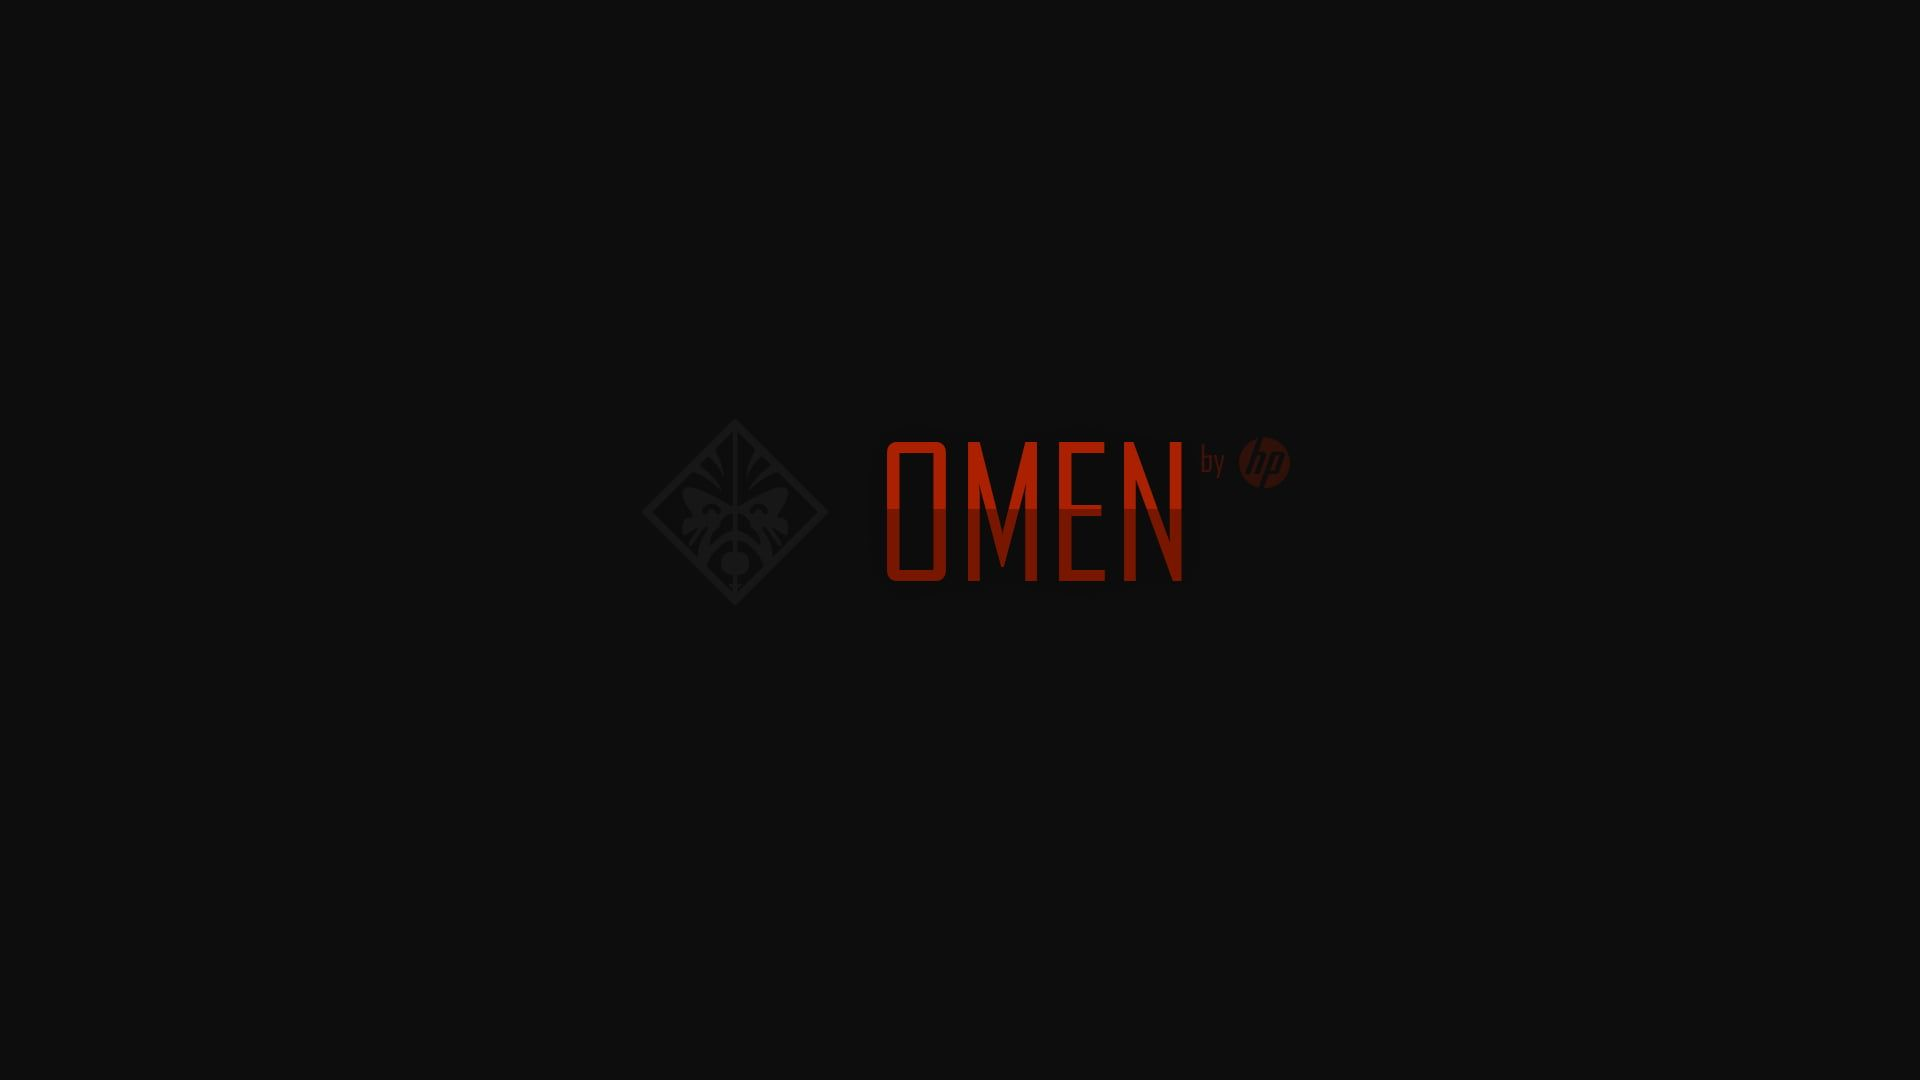 Technology Omen Hp Omen Hewlett Packard 1080p Wallpaper Hdwallpaper Desktop In 2021 Packard Hewlett Hewlett Packard